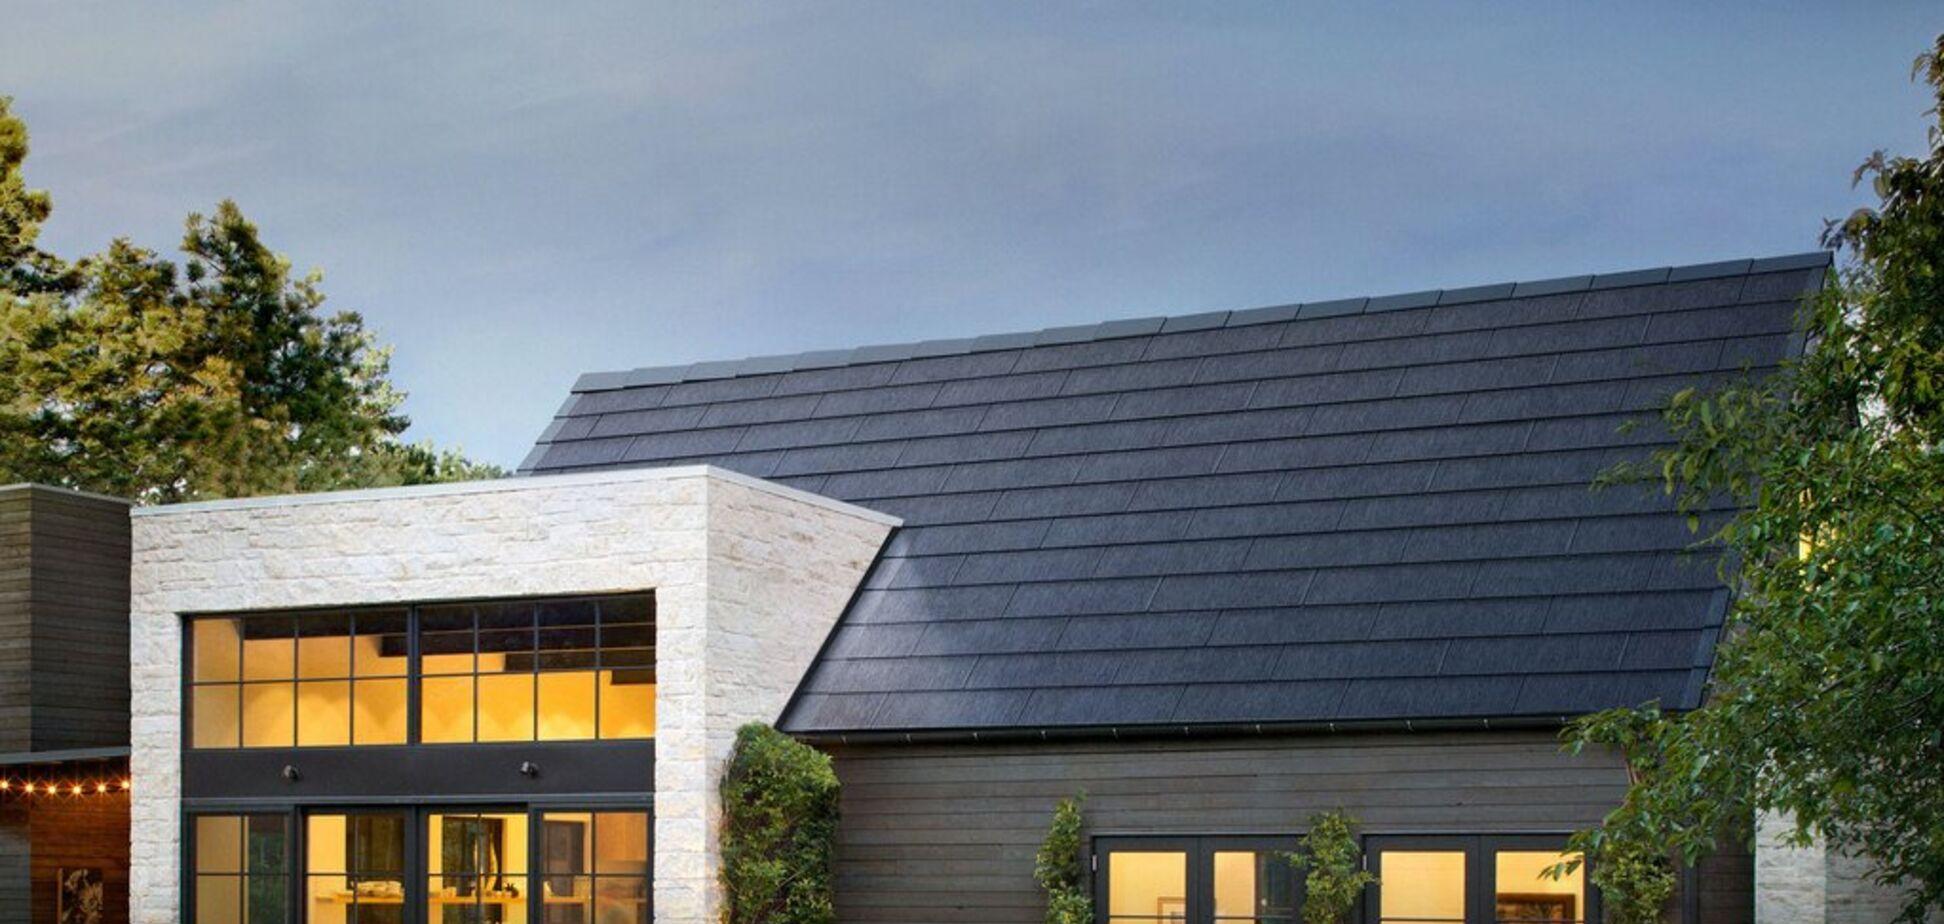 Заработать больше при меньших затратах: Tesla выпустила новую 'солнечную крышу' Solarglass Roof